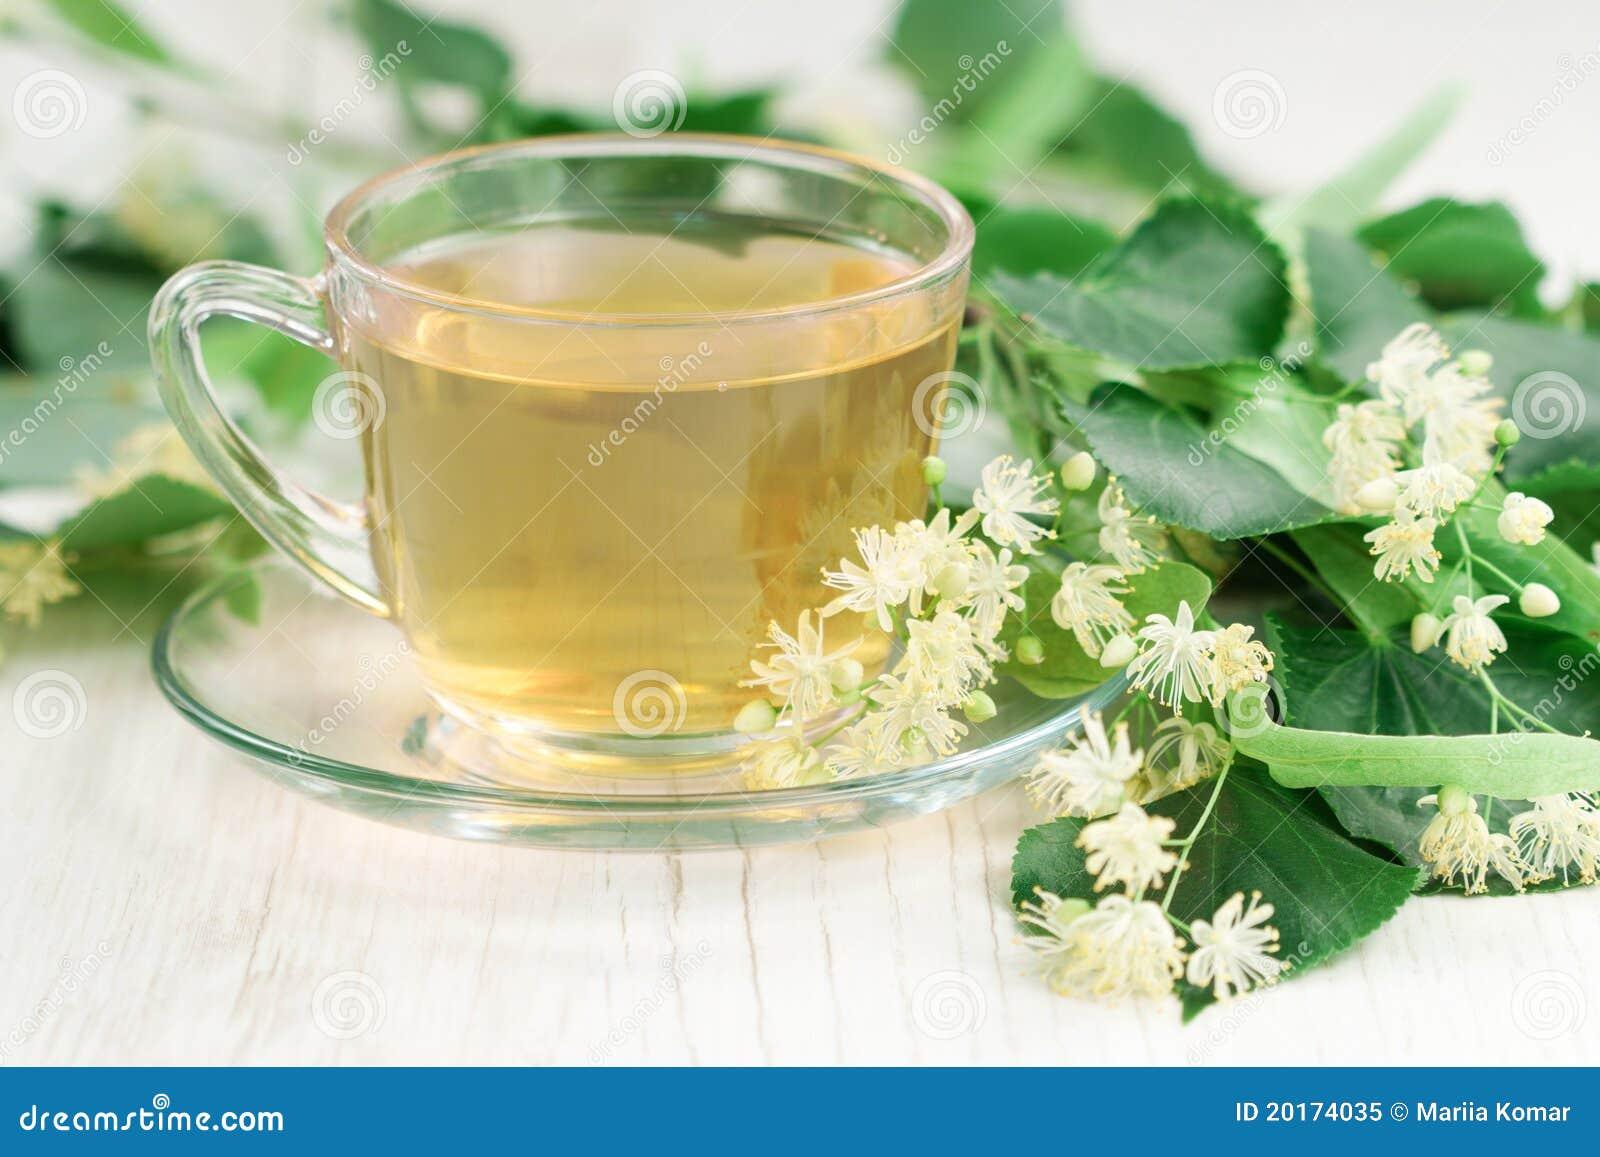 Cup of linden tea